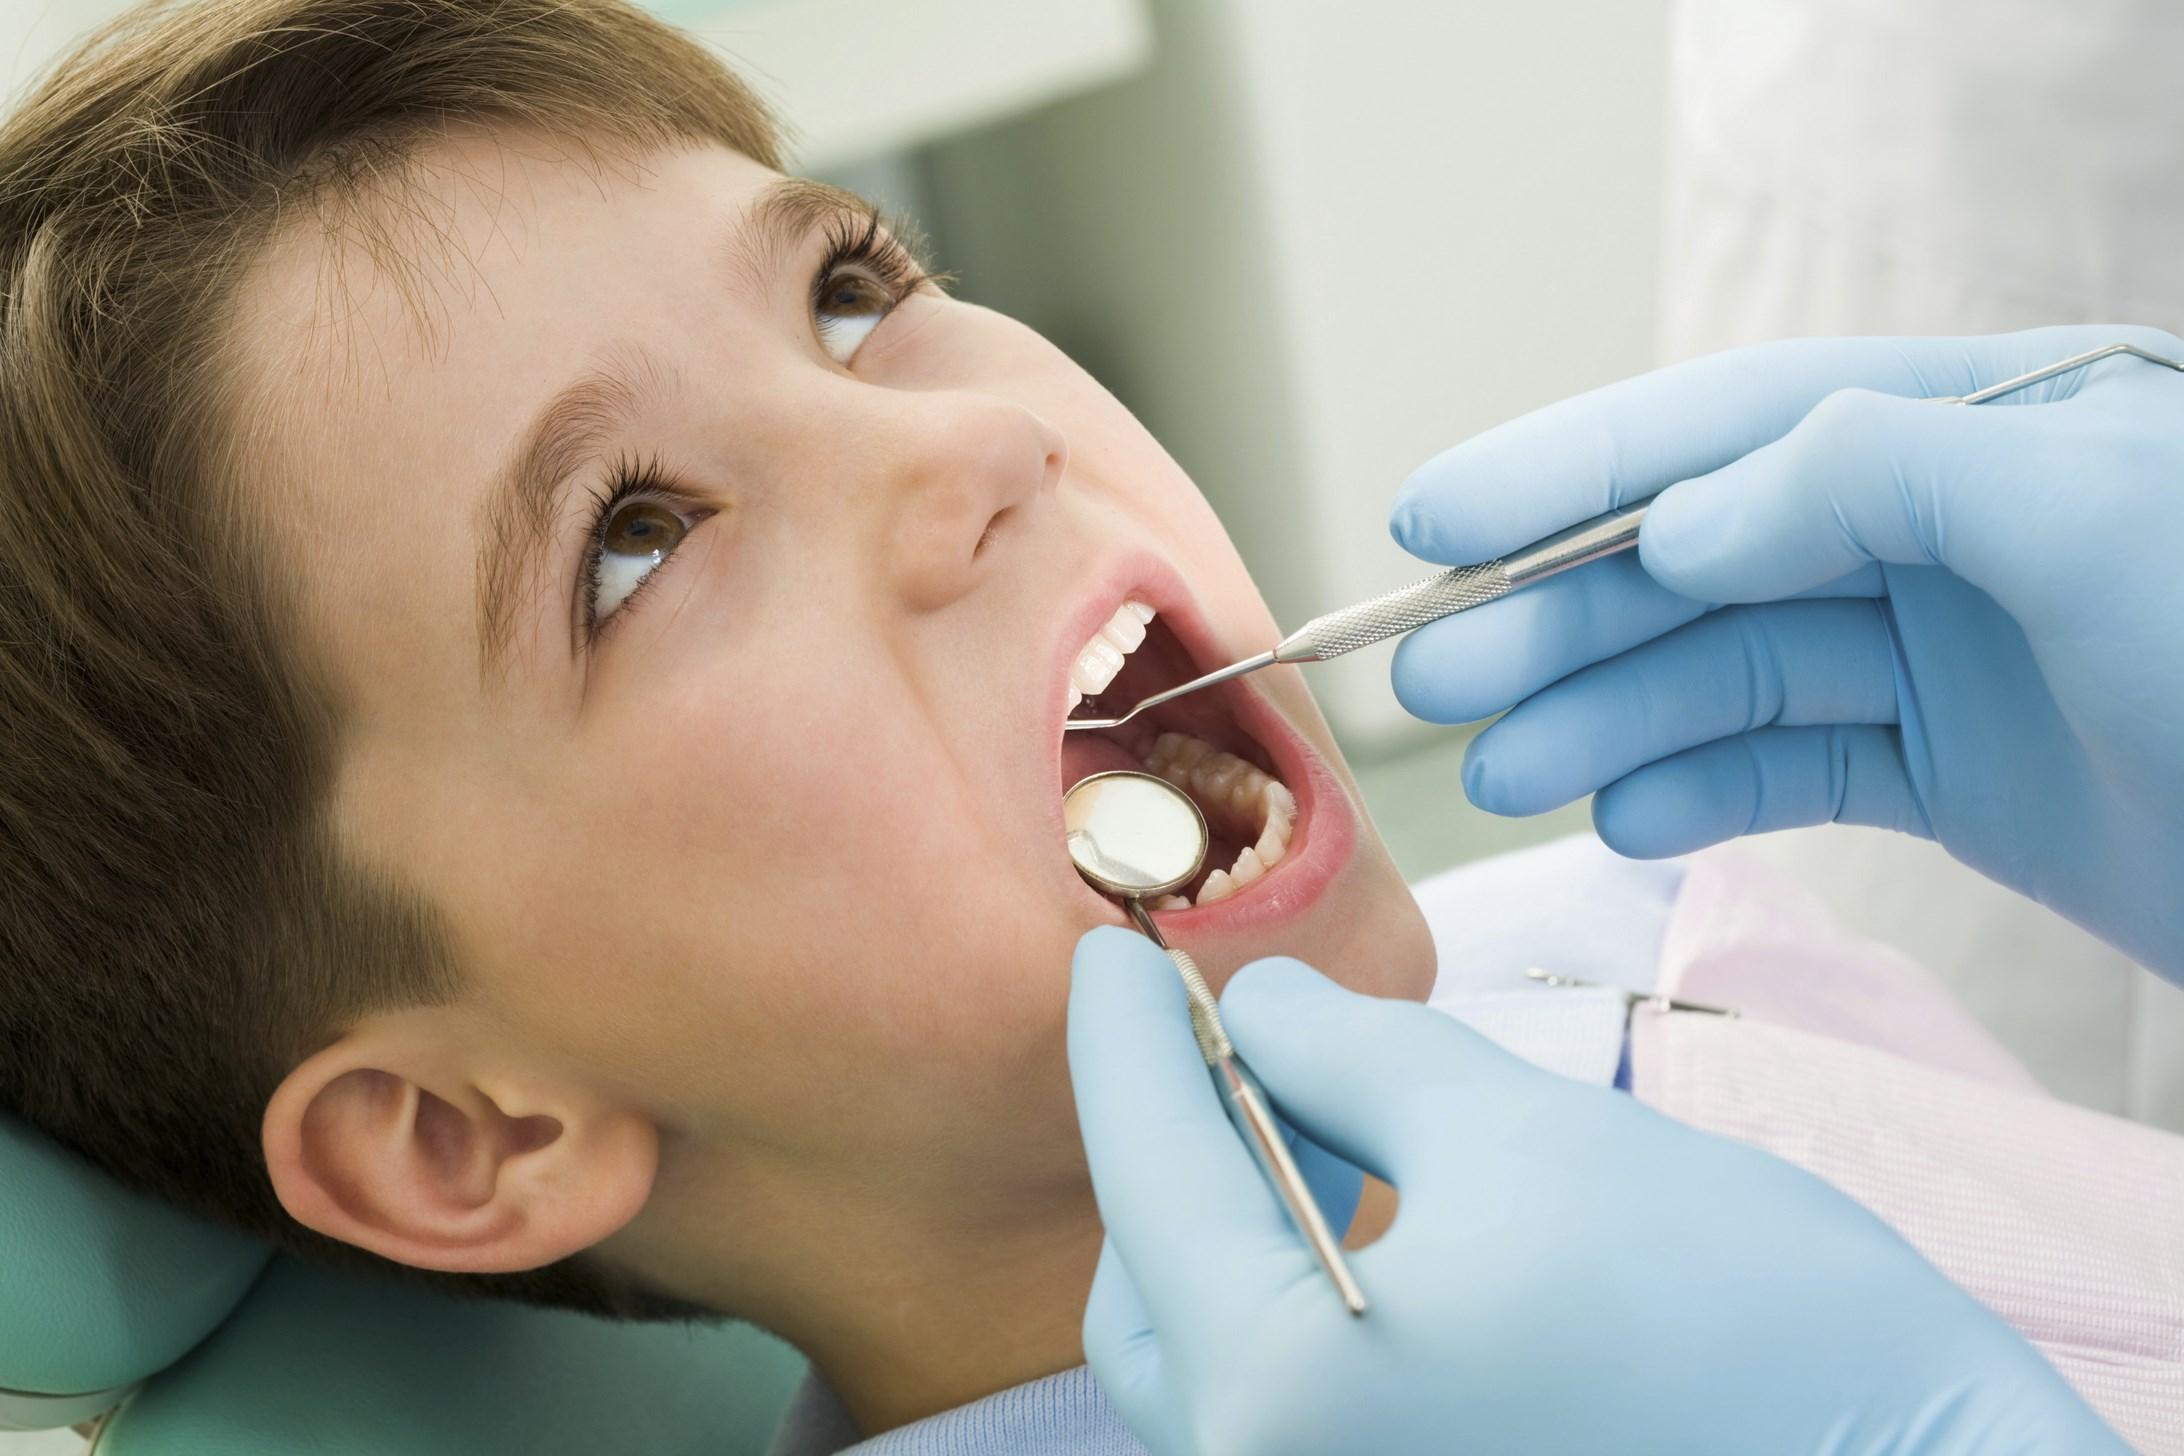 Wann sollte Ihr Kind zum ersten Mal zum Zahnarzt gehen?